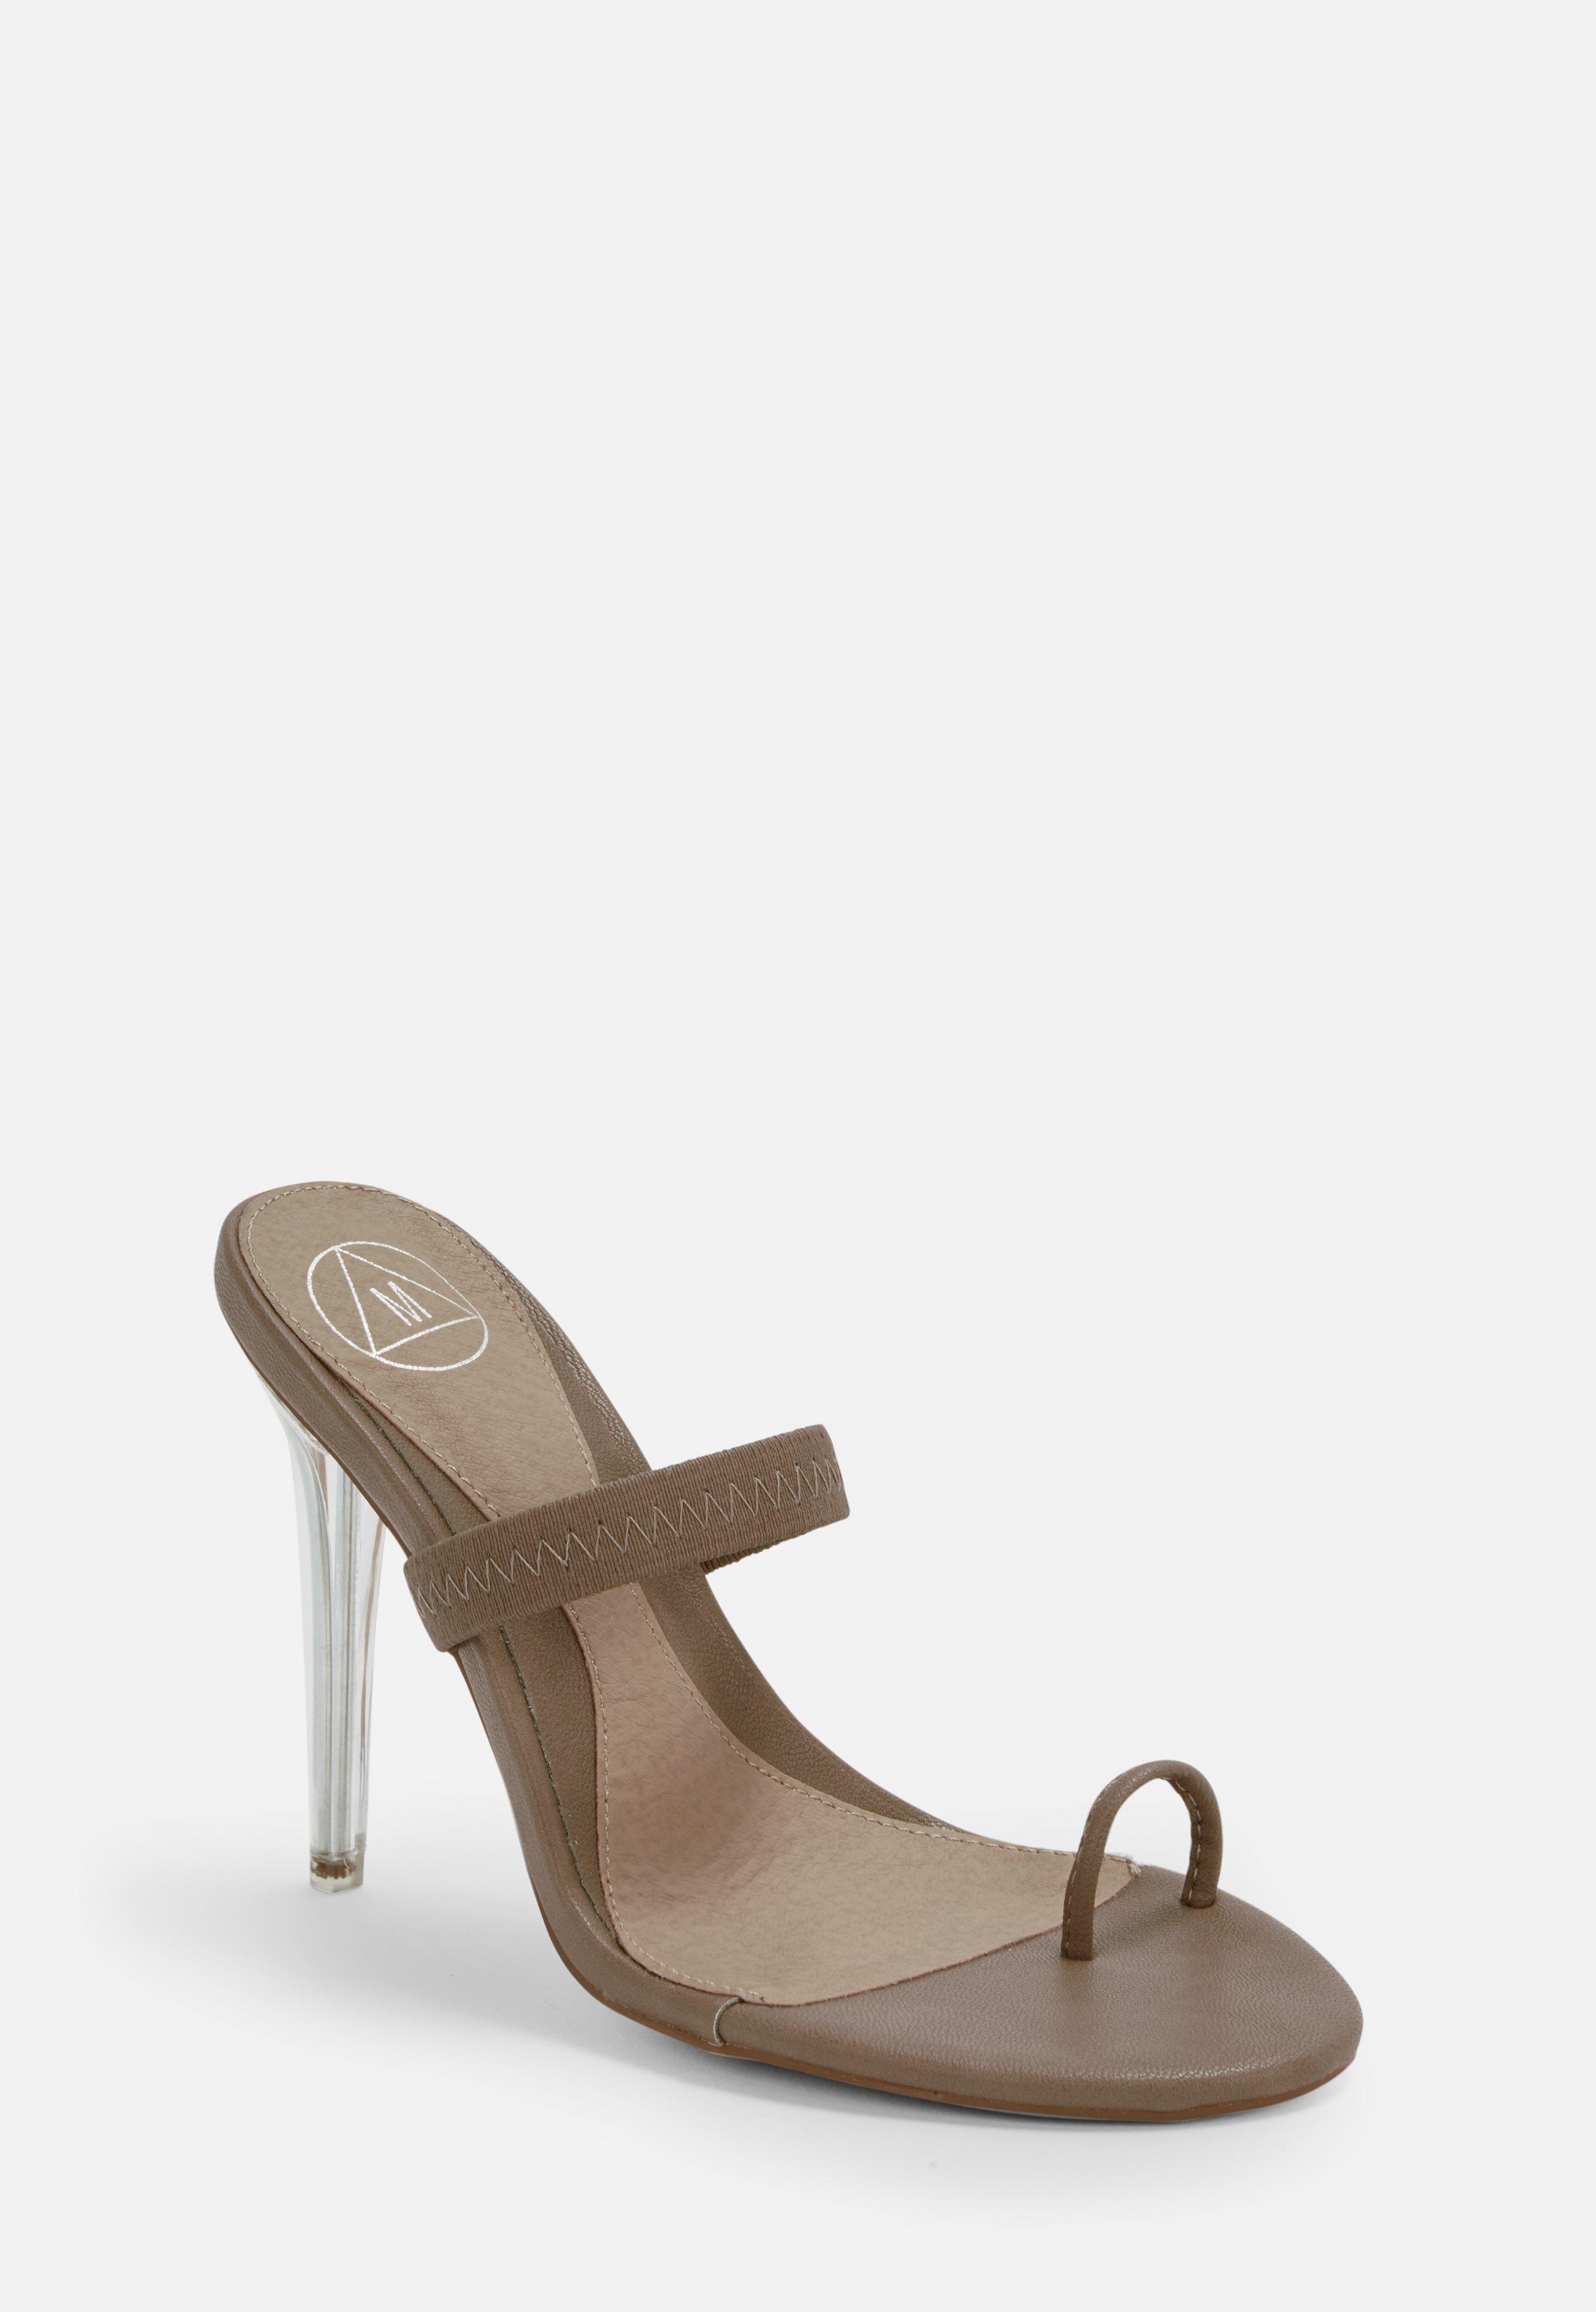 4474d3f6be1 Women s Mules - Shop Mule Shoes Online